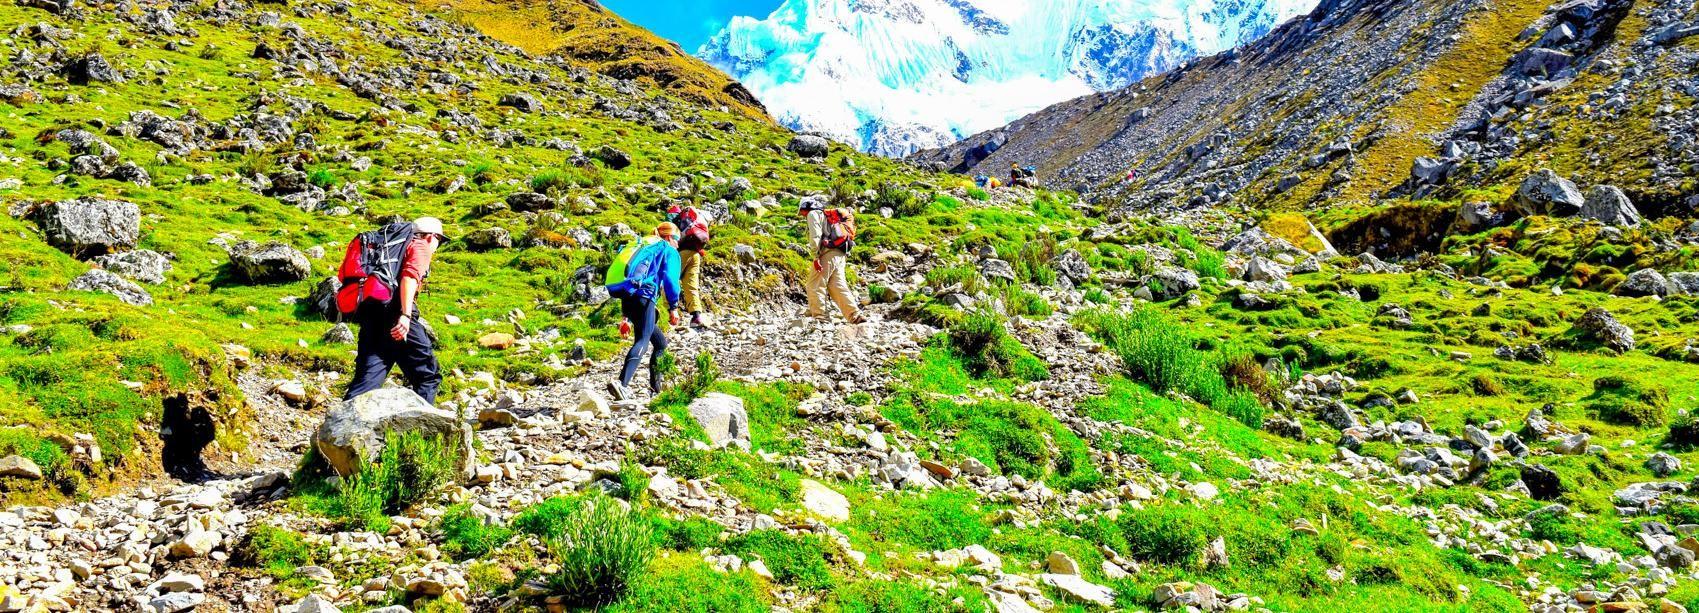 Cuzco: senderismo de 5 días a Machu Picchu por Salcantay